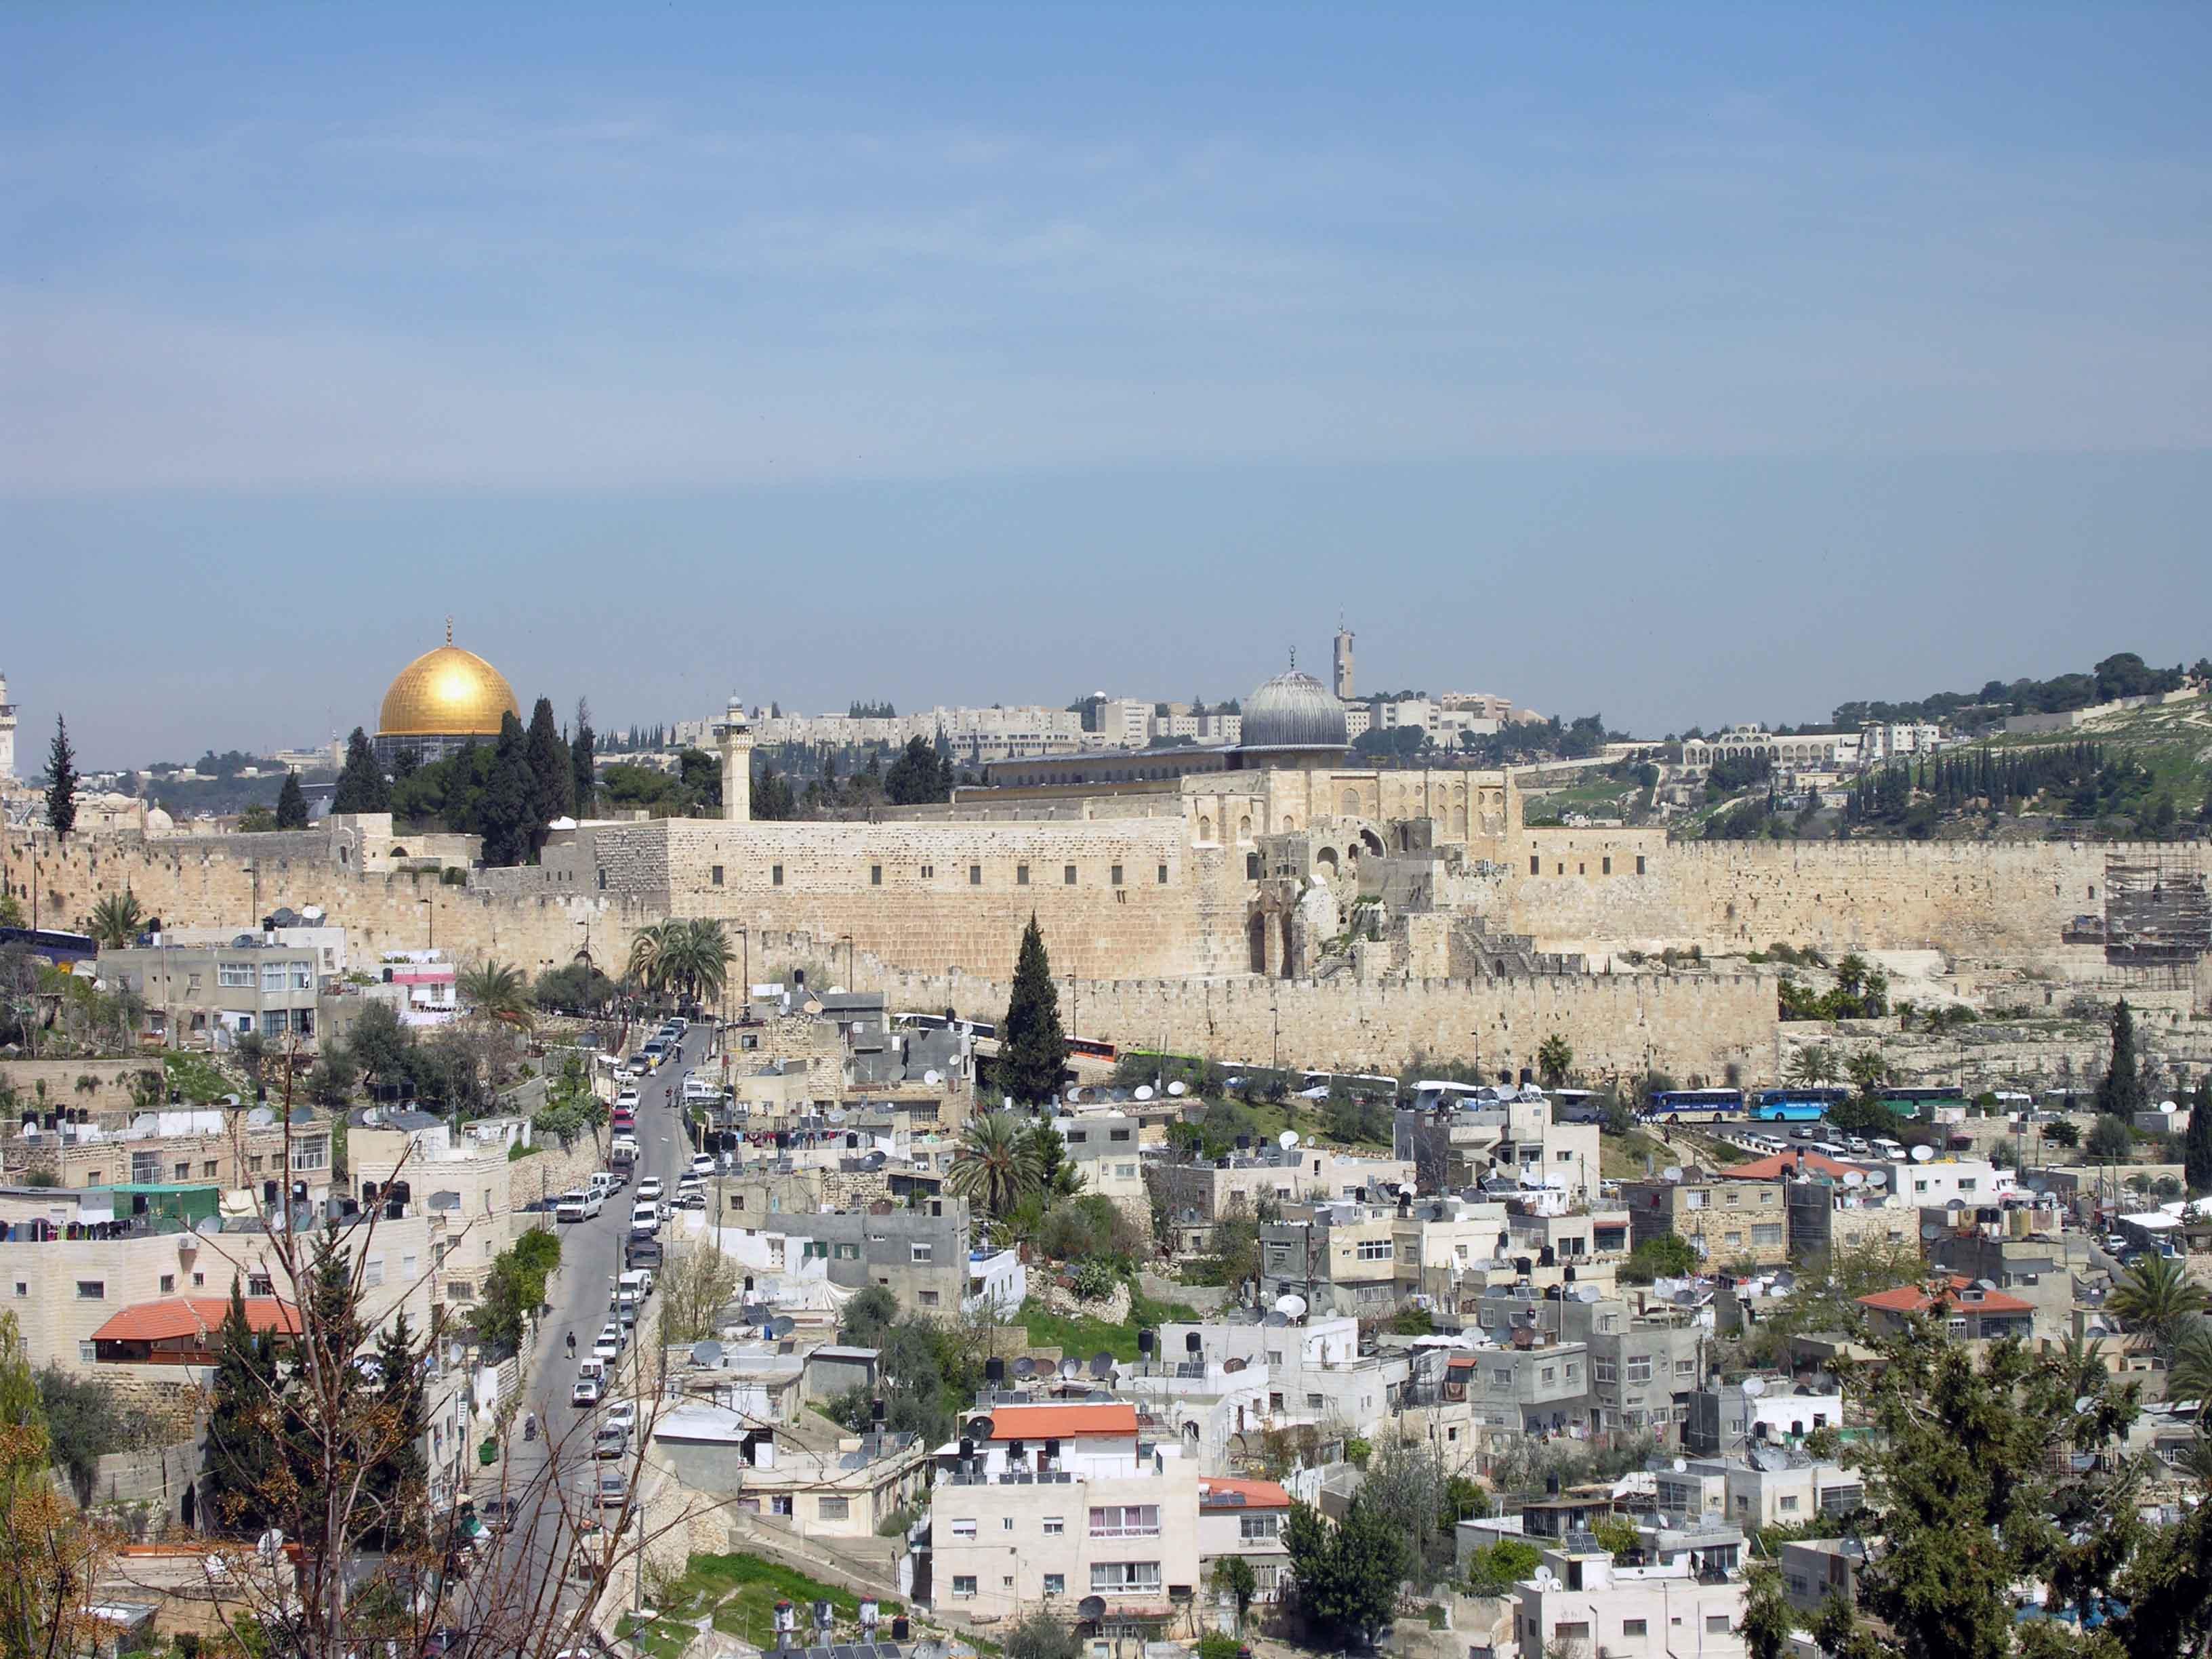 Gerusalemme © Michele Zanzucchi 2005